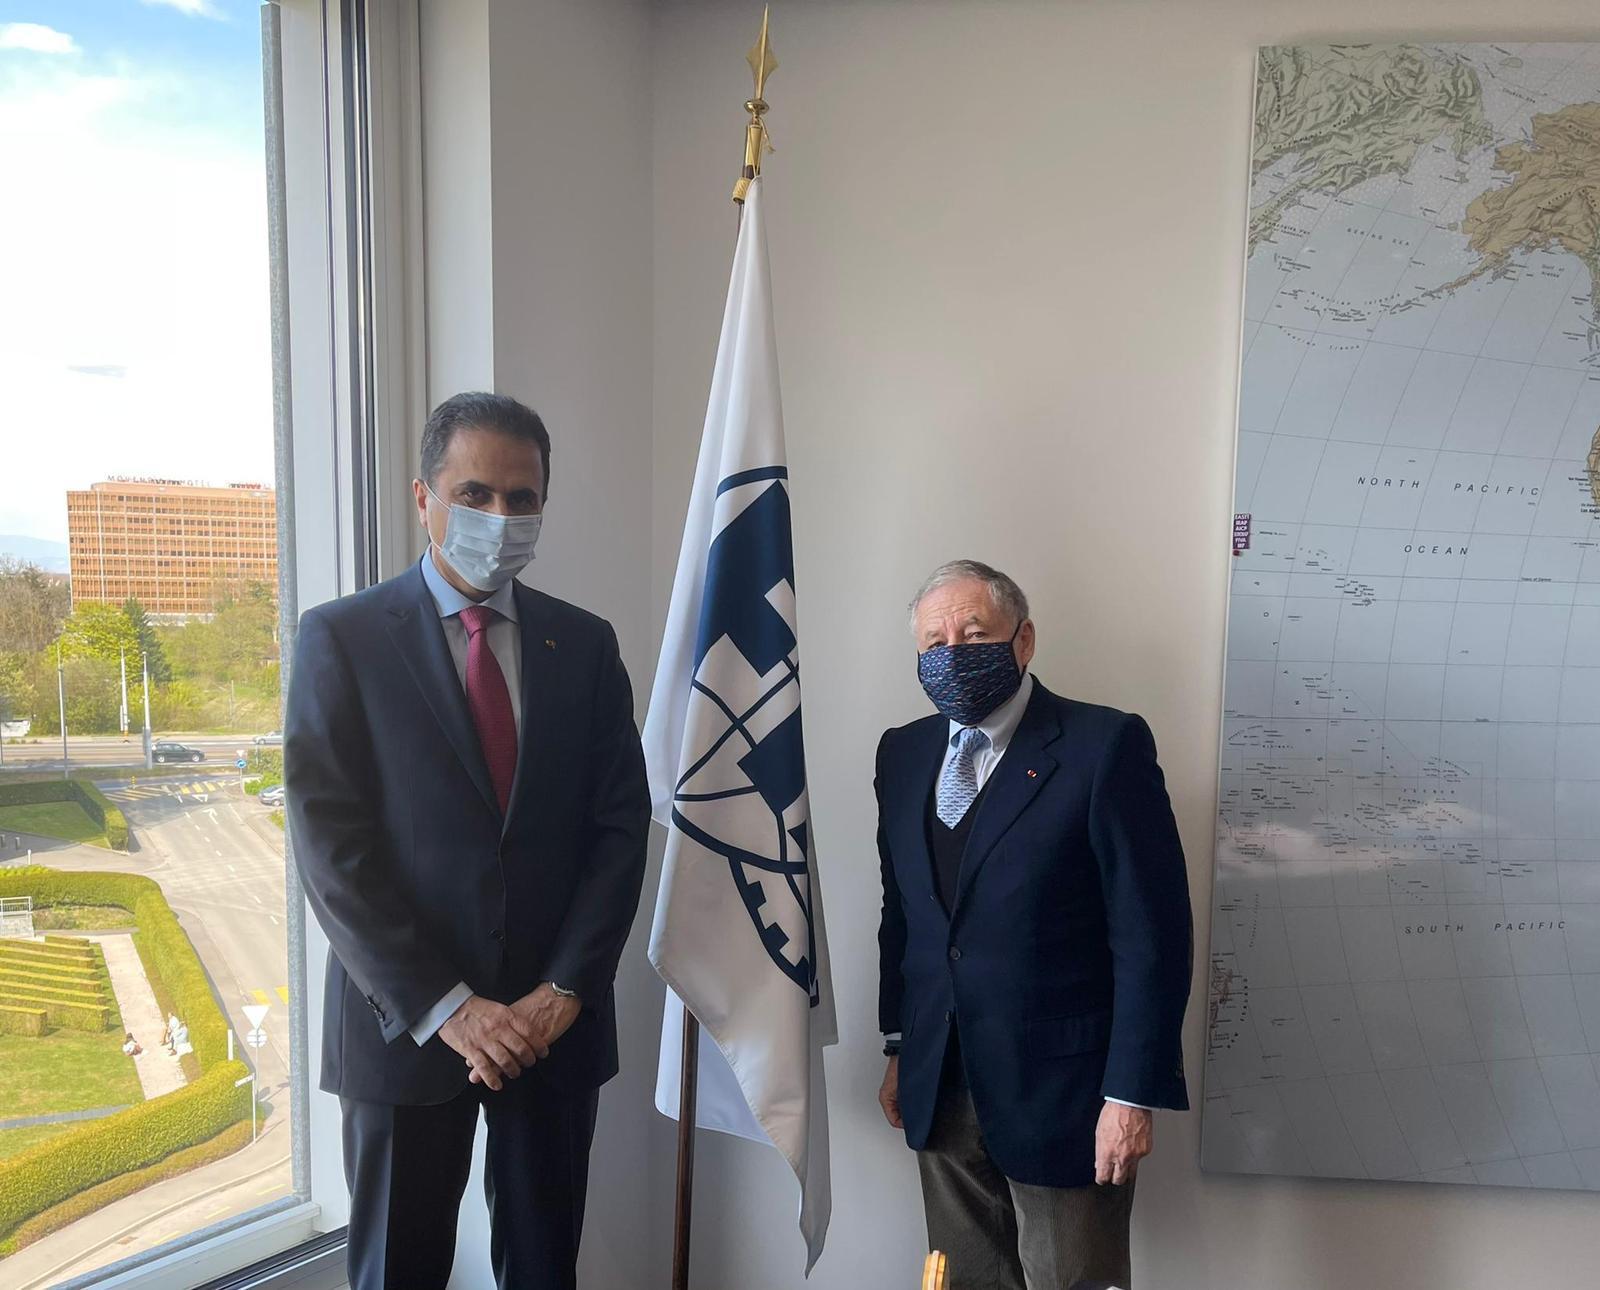 المندوب الدائم لدولة قطر لدى مكتب الأمم المتحدة بجنيف يجتمع مع مبعوث الأمين العام للأمم المتحدة لشؤون سلامة الطرق